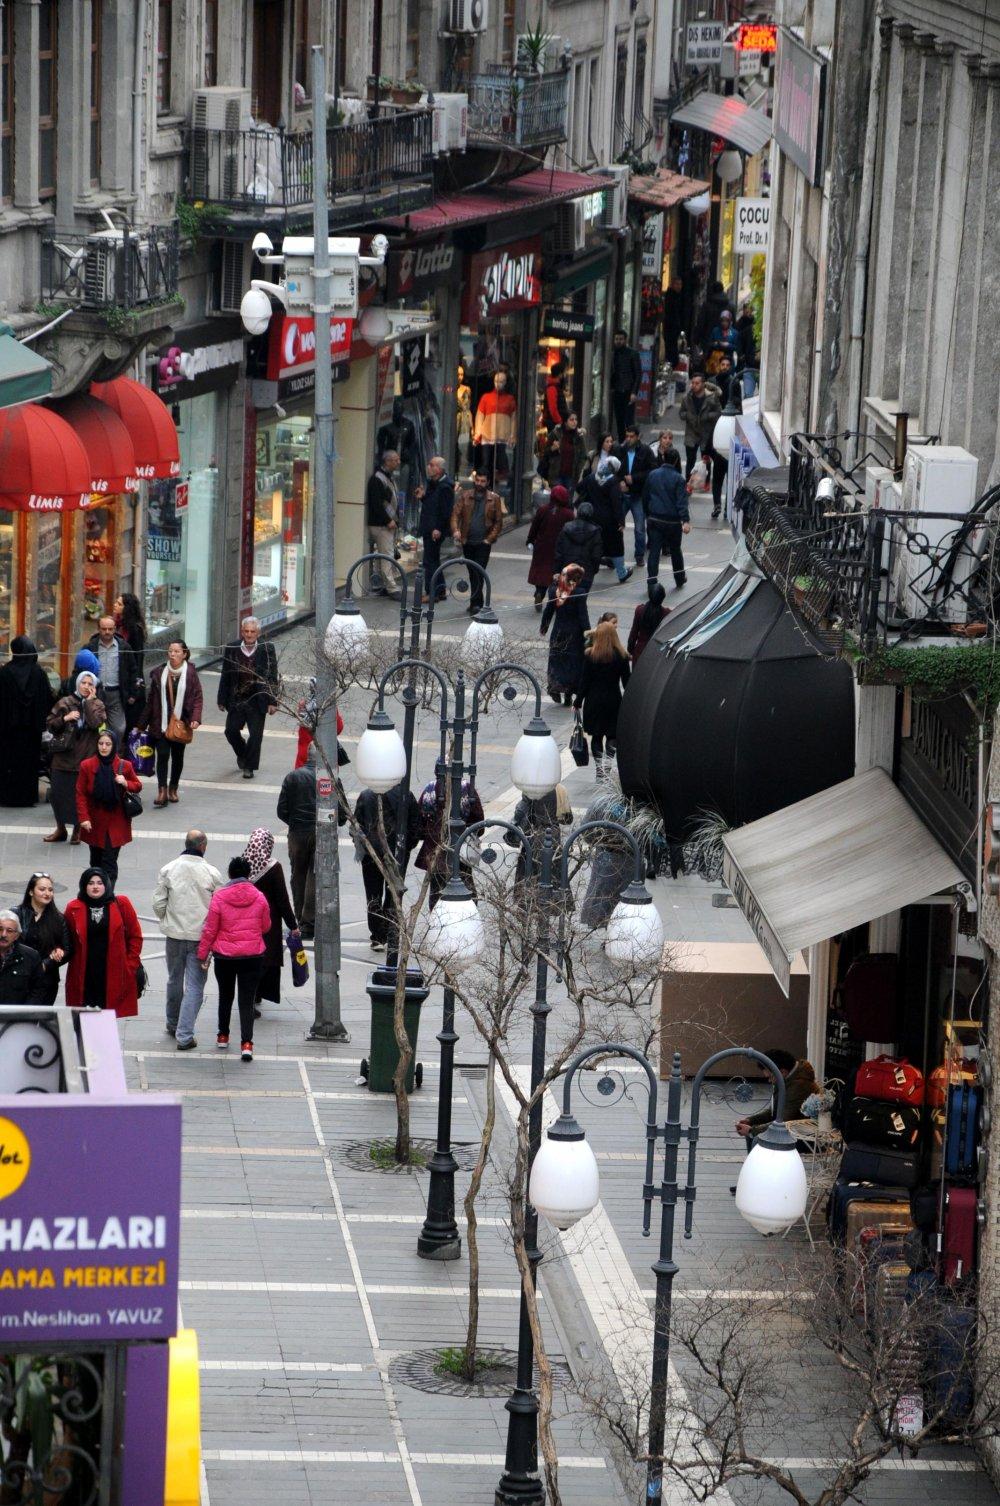 Trabzon'da yılbaşı hareketliliği